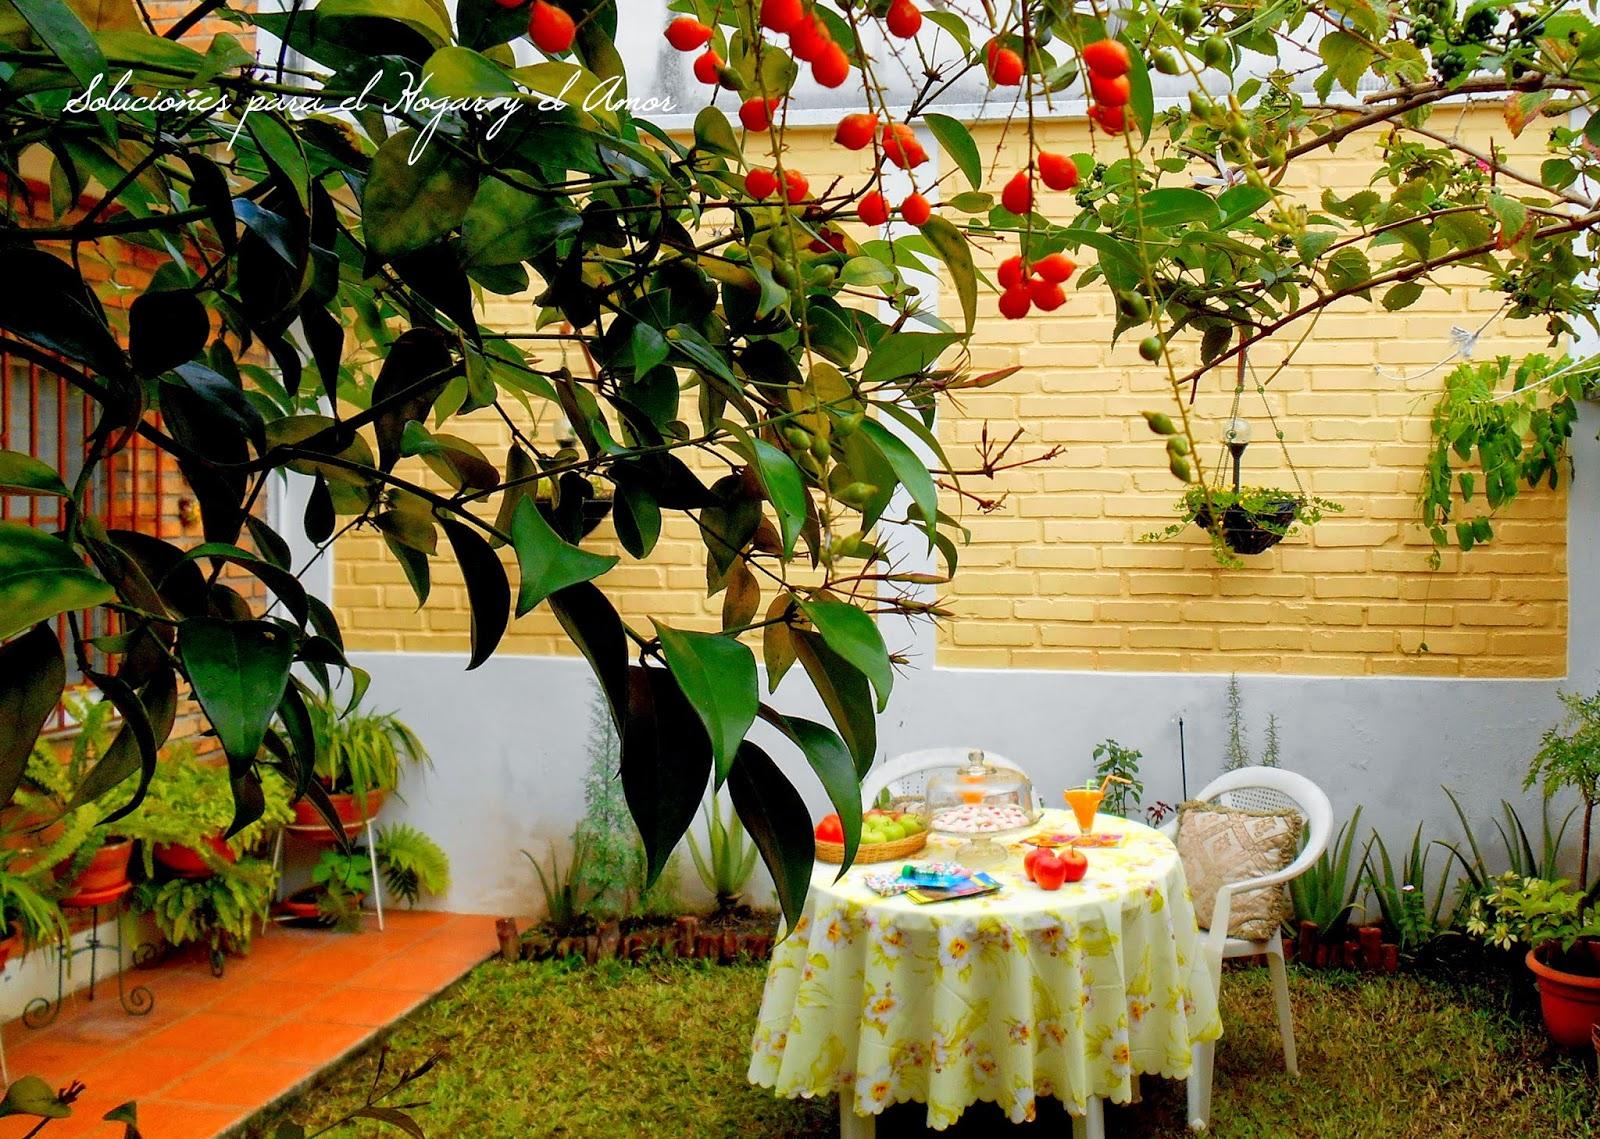 ambiente en el jardín, sillas y mesa de jardín,